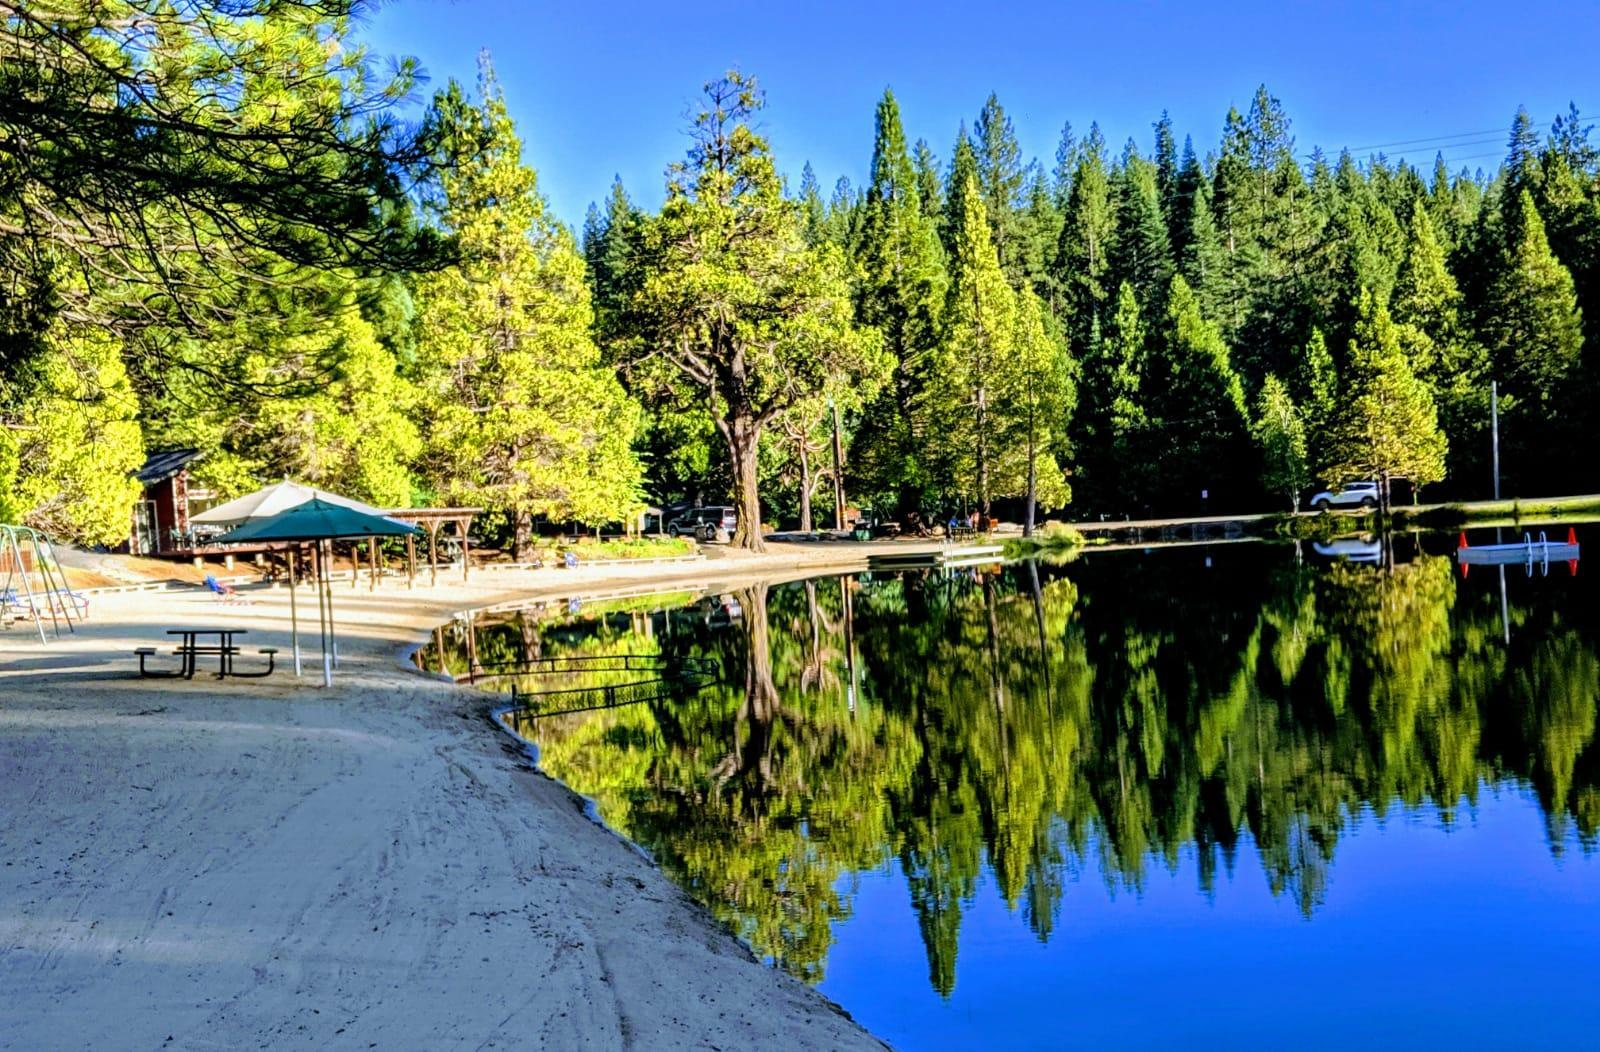 Pinebrook Lake